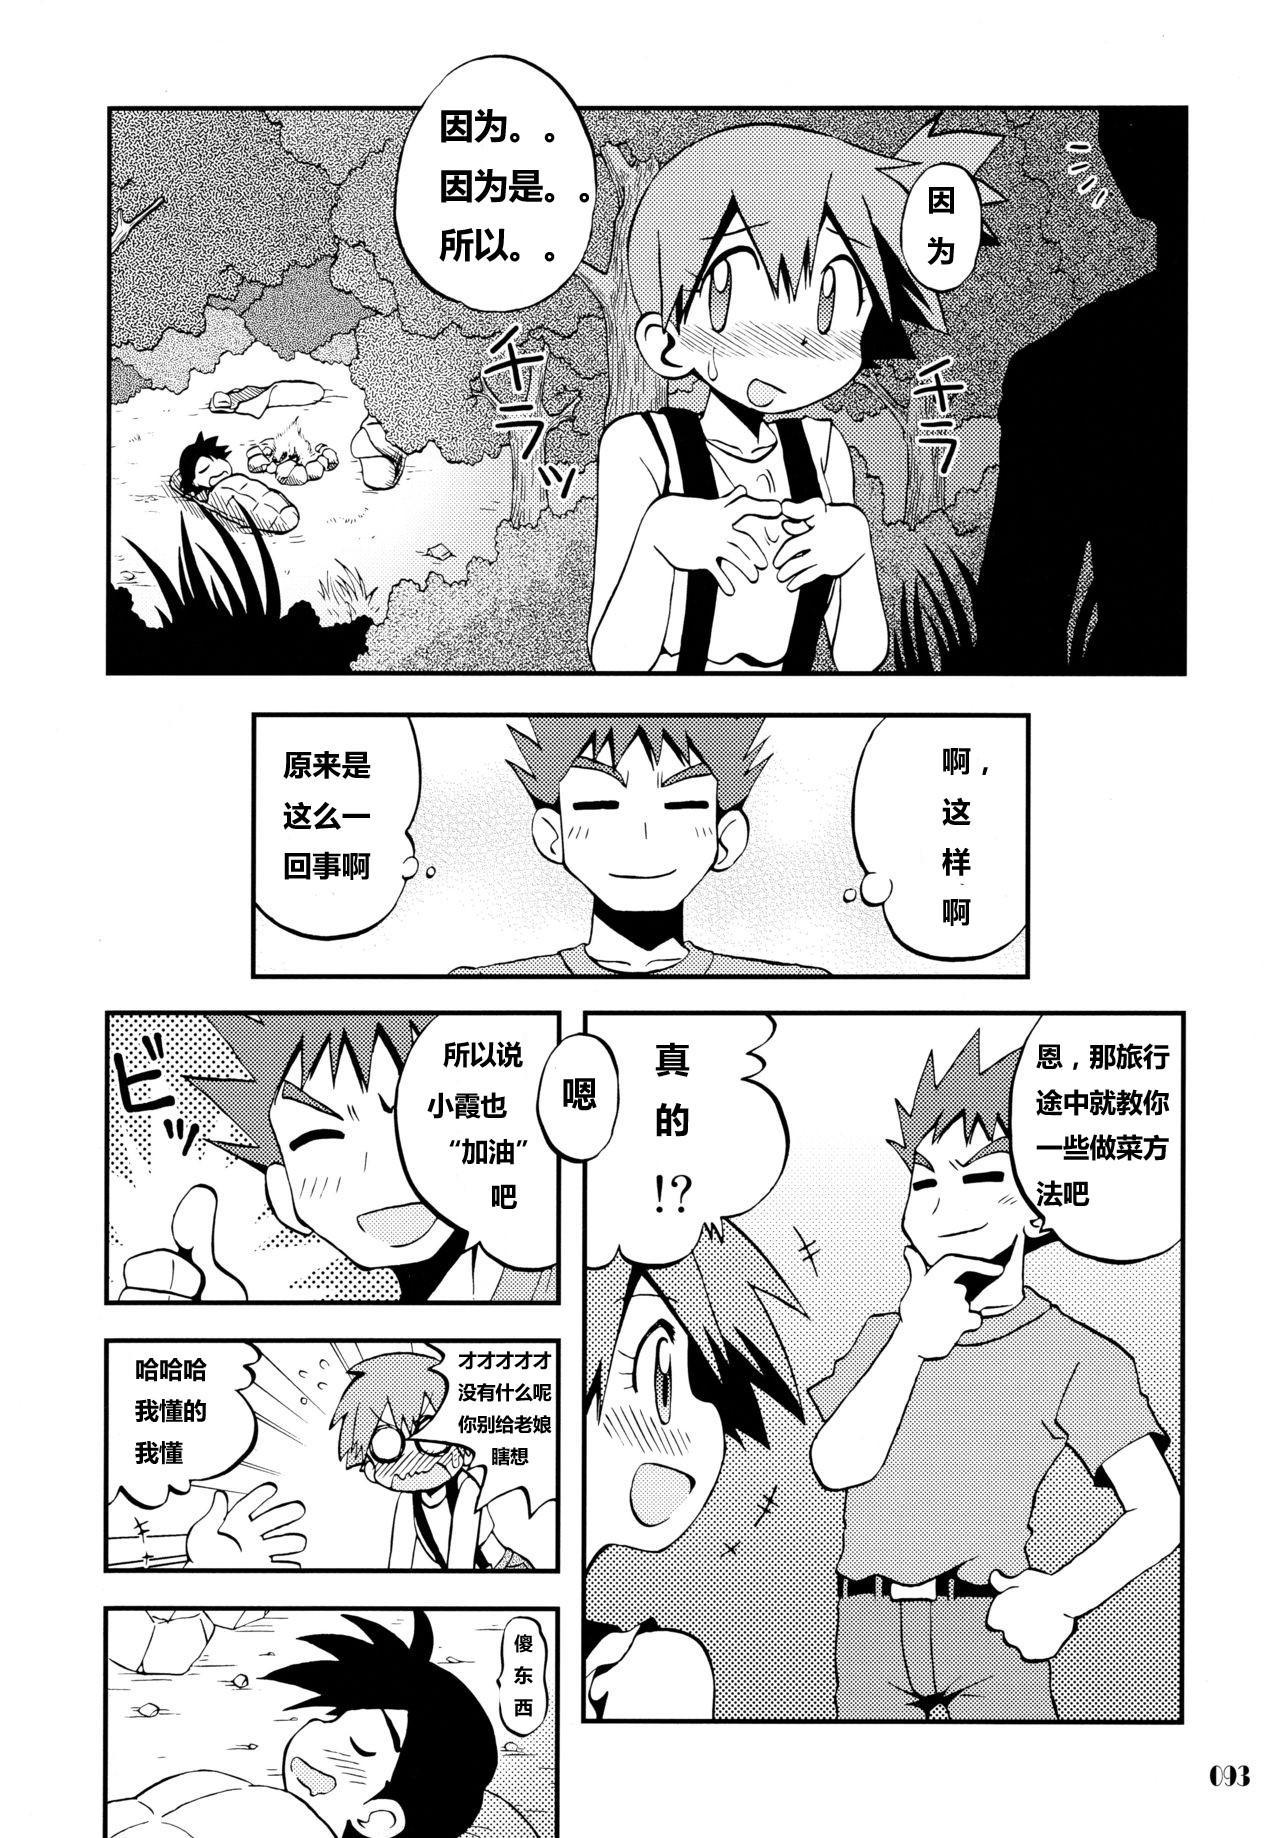 Kieteshimai souna Yume kotobanisureba 3